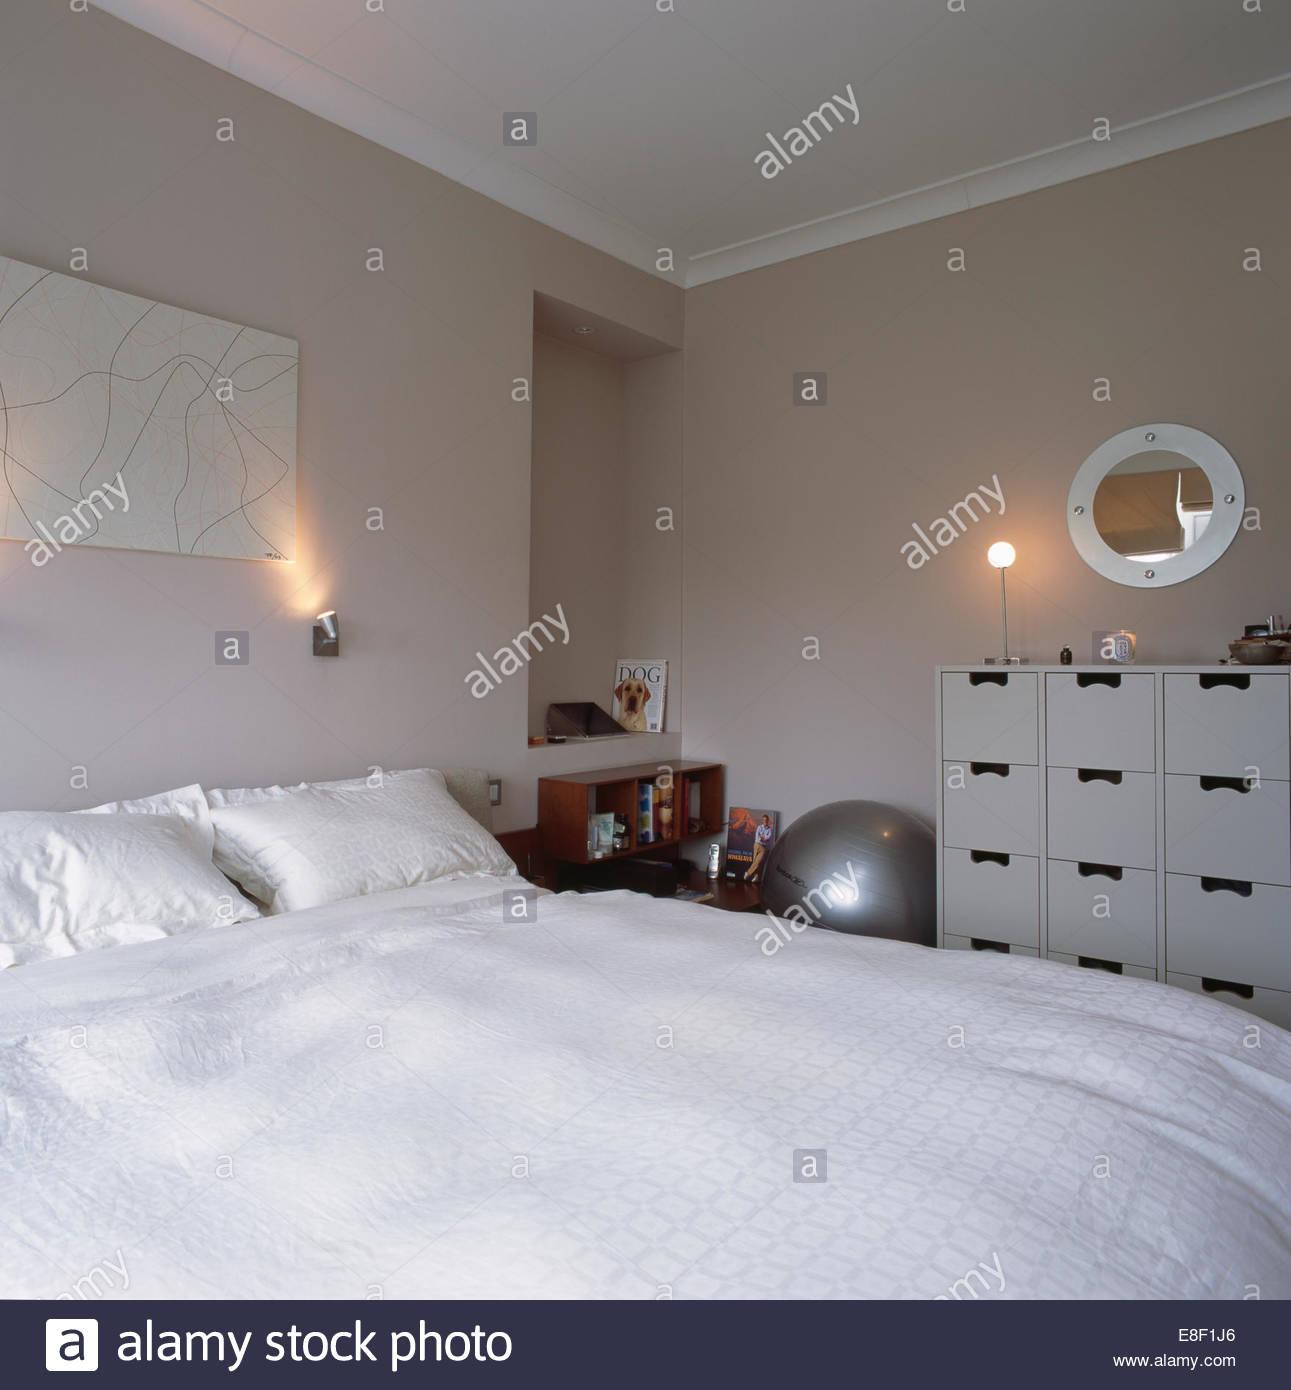 Full Size of Schlafzimmer Wandleuchte Mit Schalter Wandleuchten Bett Leselampe Ikea Ber Dem Weien Kissen Und Bettdecke In Stuhl Für Deckenleuchte Modern Set Komplette Wohnzimmer Schlafzimmer Wandleuchte